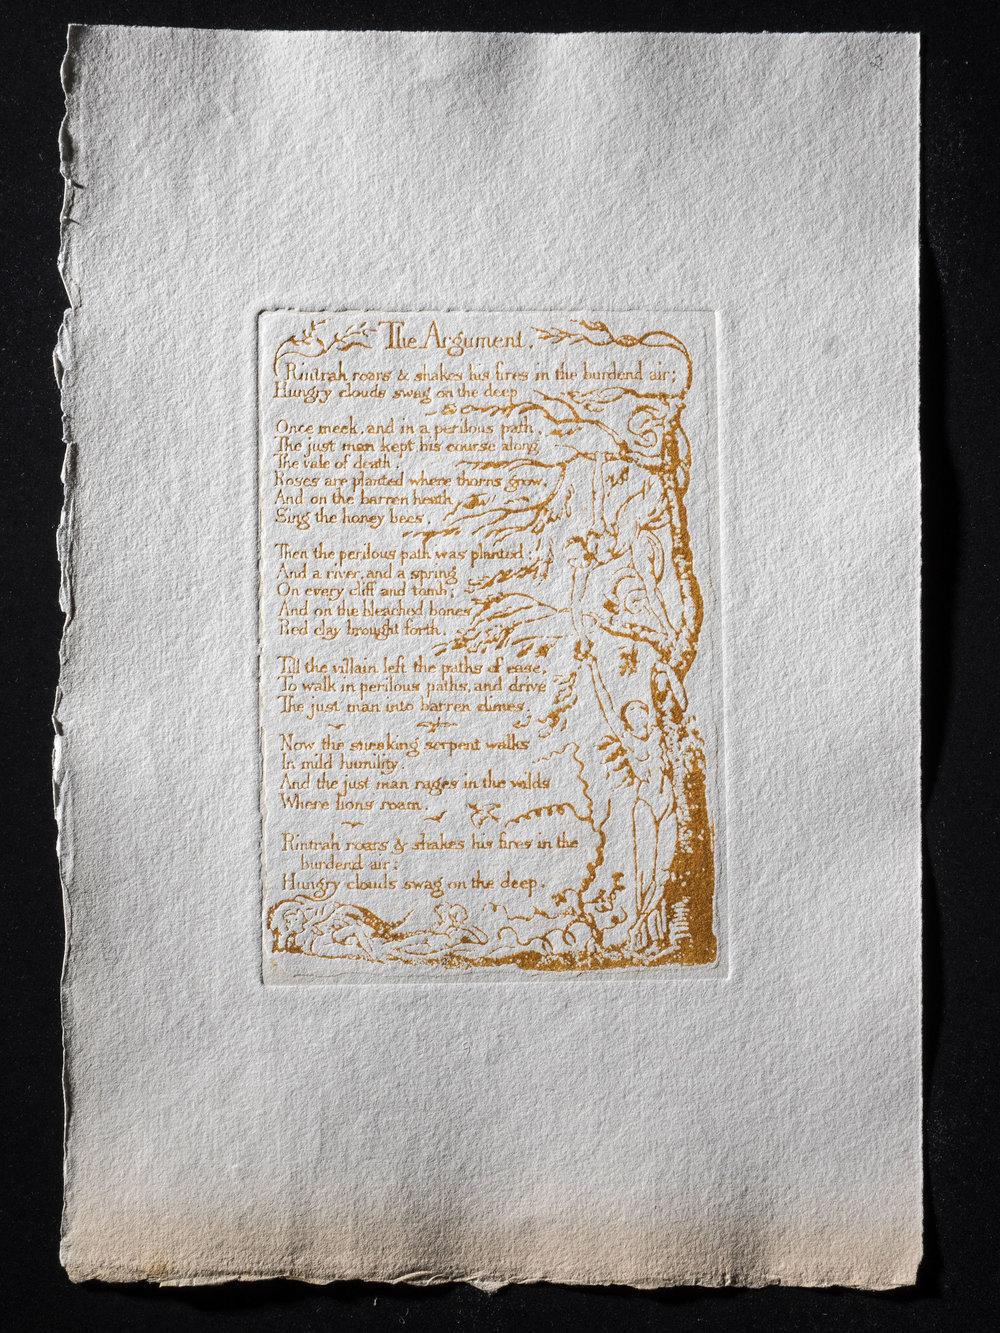 2. The Argument, 153 x 107 mm